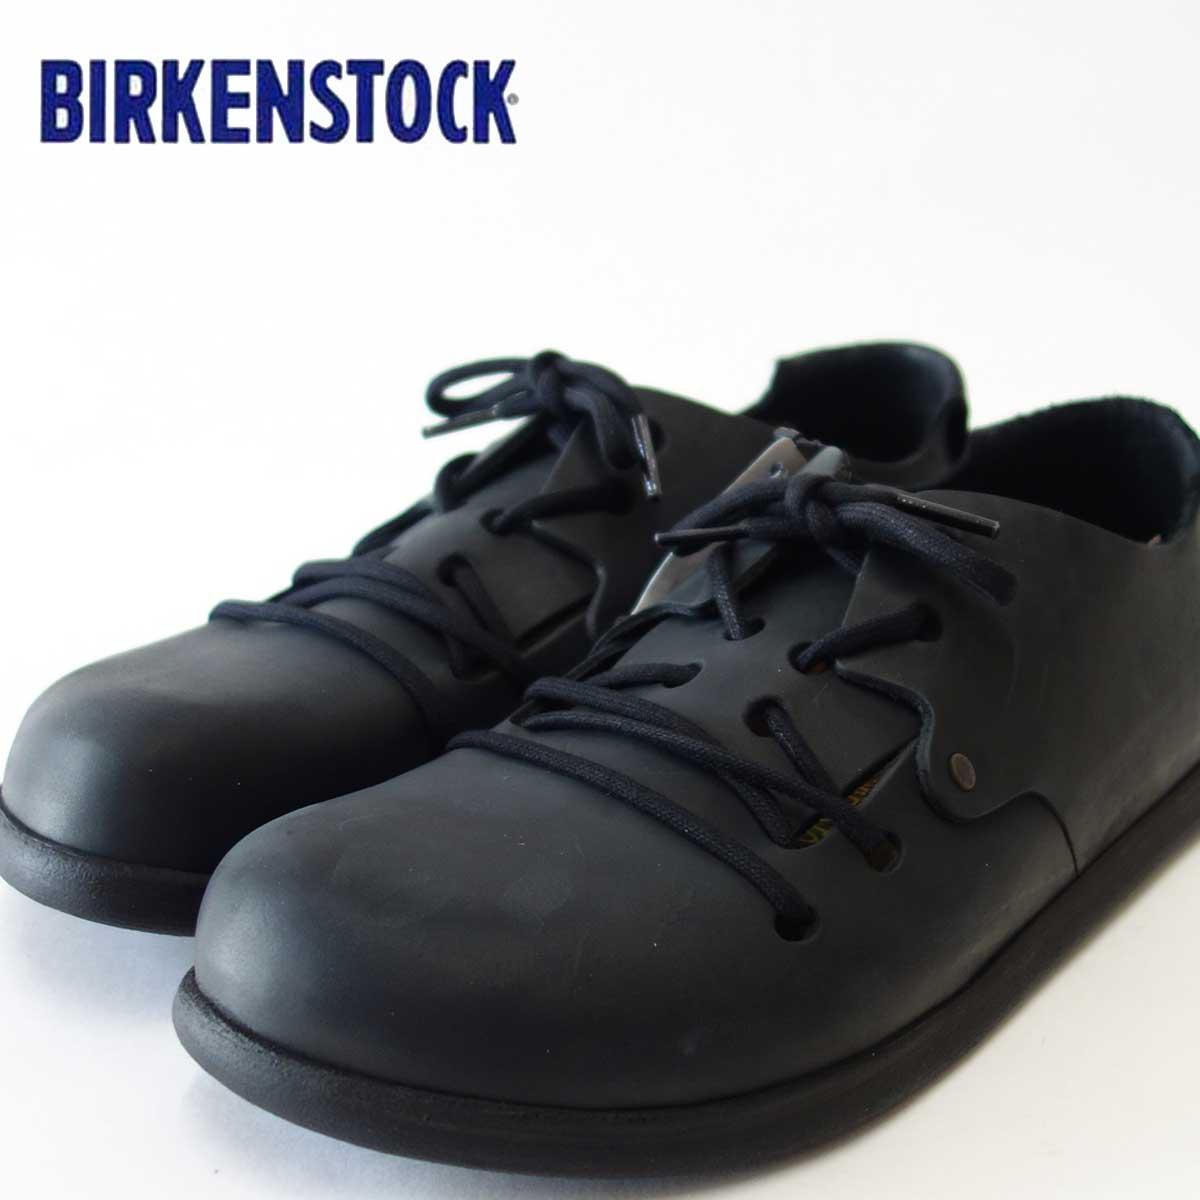 BIRKENSTOCK(ビルケンシュトック) Montana(モンタナ)ユニセックス 199263(オイルレザー/ブラック)ドイツ生まれの快適シューズ「靴」